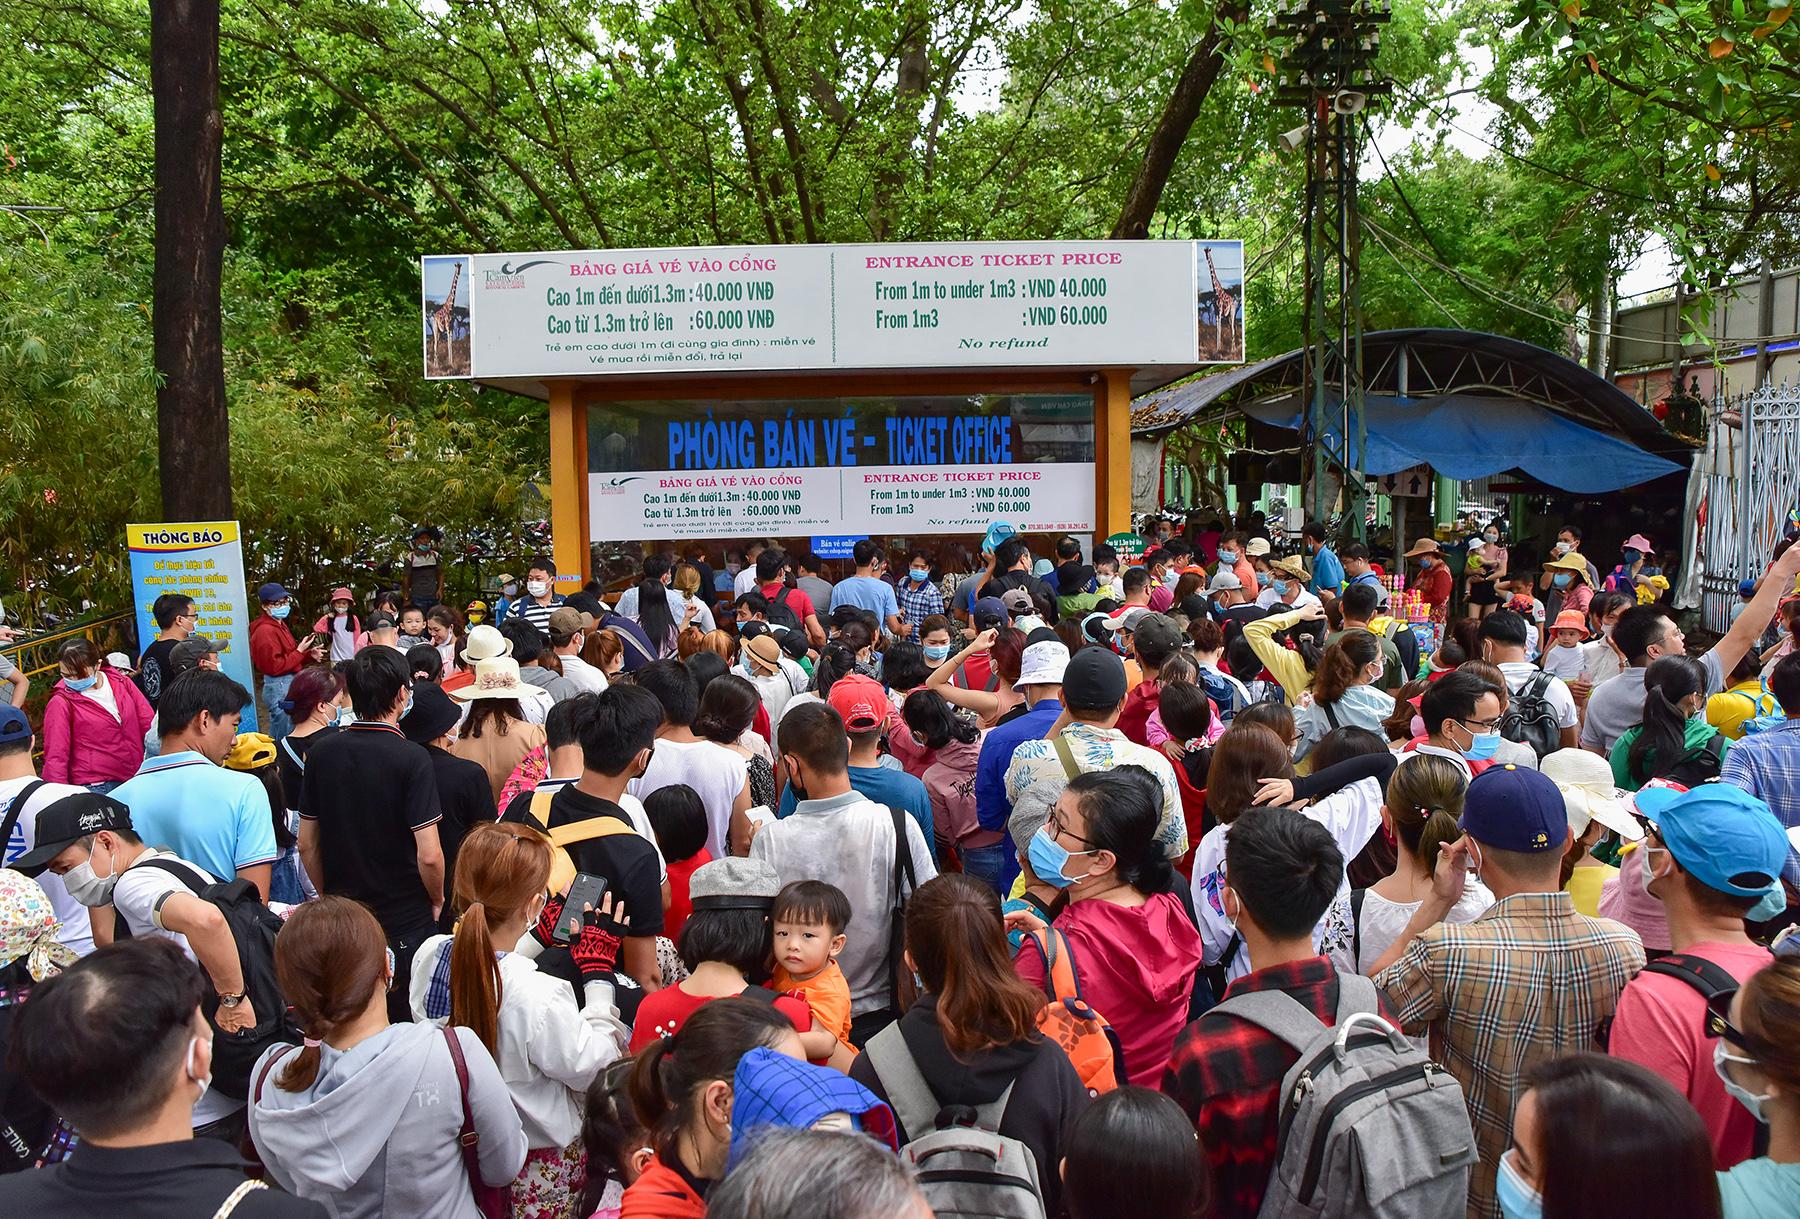 Người dân ùn ùn đi chơi lễ, toát mồ hôi chờ mua vé vào cổng Thảo Cầm Viên - hình ảnh 2